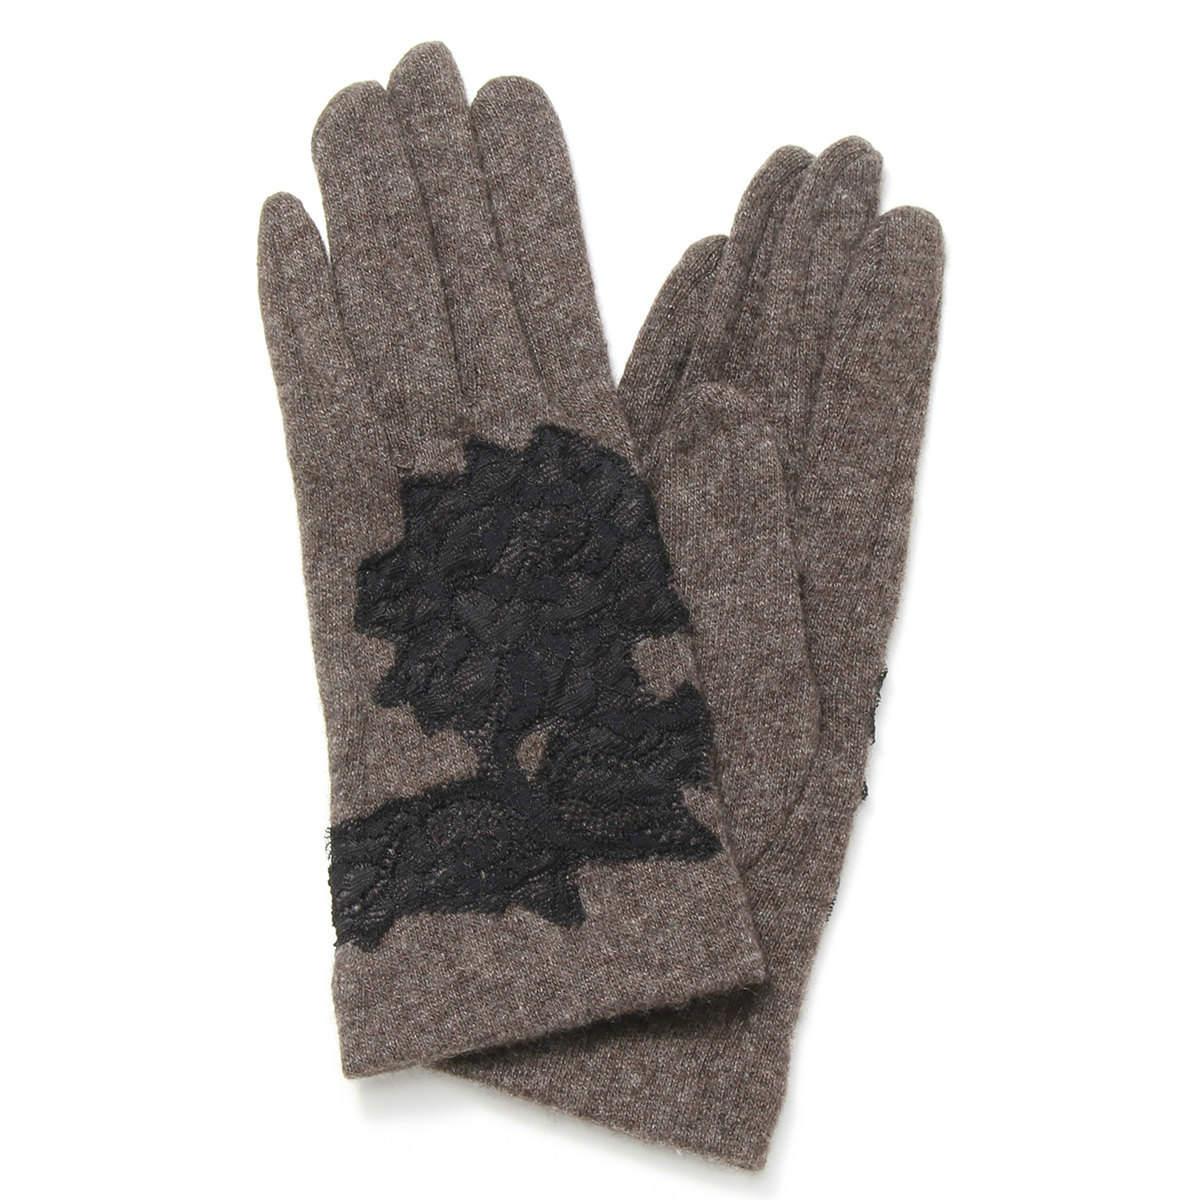 レディース手袋 カシミヤ100%ジャージ フランス製レース飾り アルタクラッセカプリガンティ Mサイズ 全4色